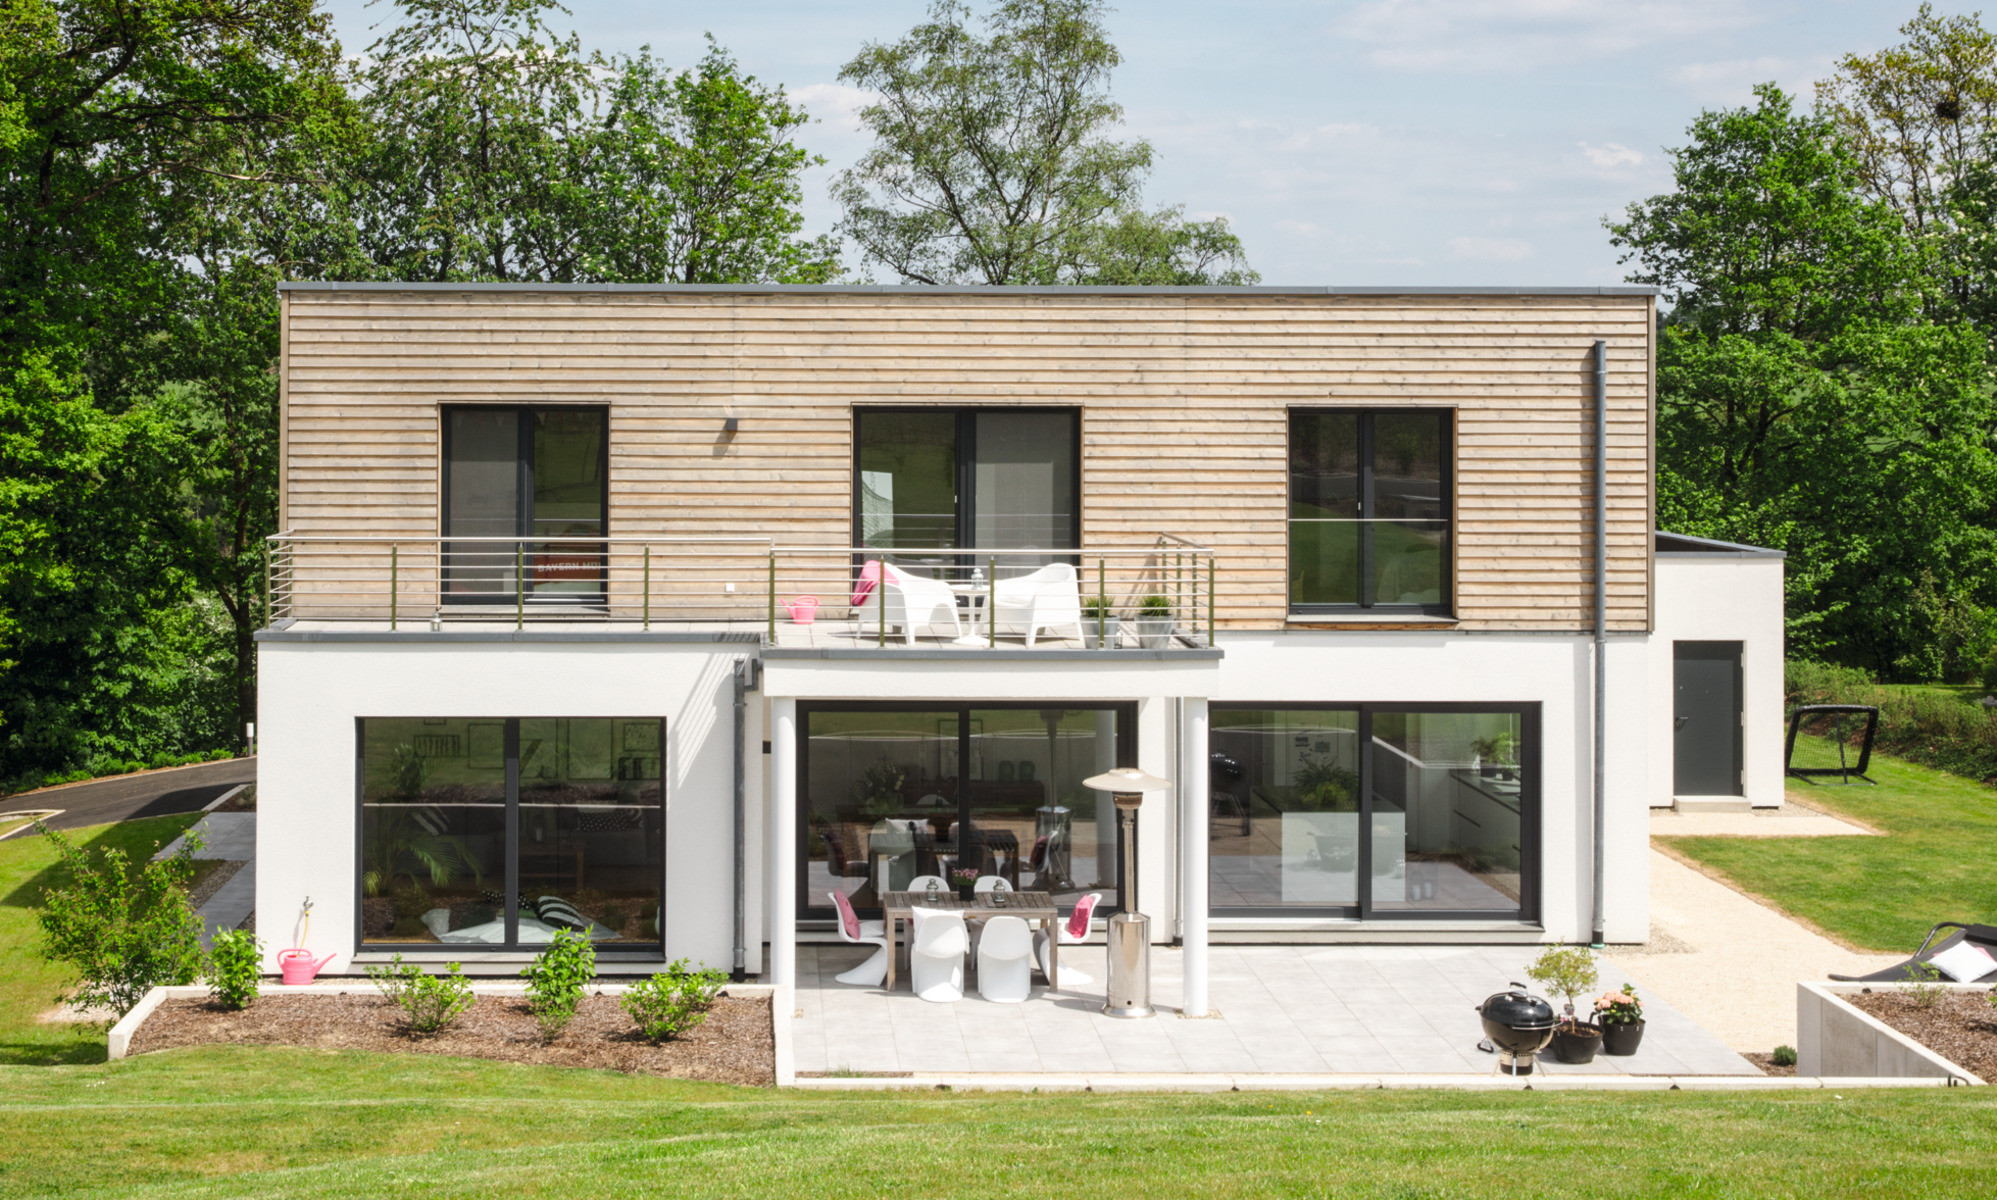 frei geplantes Architektenhaus im Bauhausstil